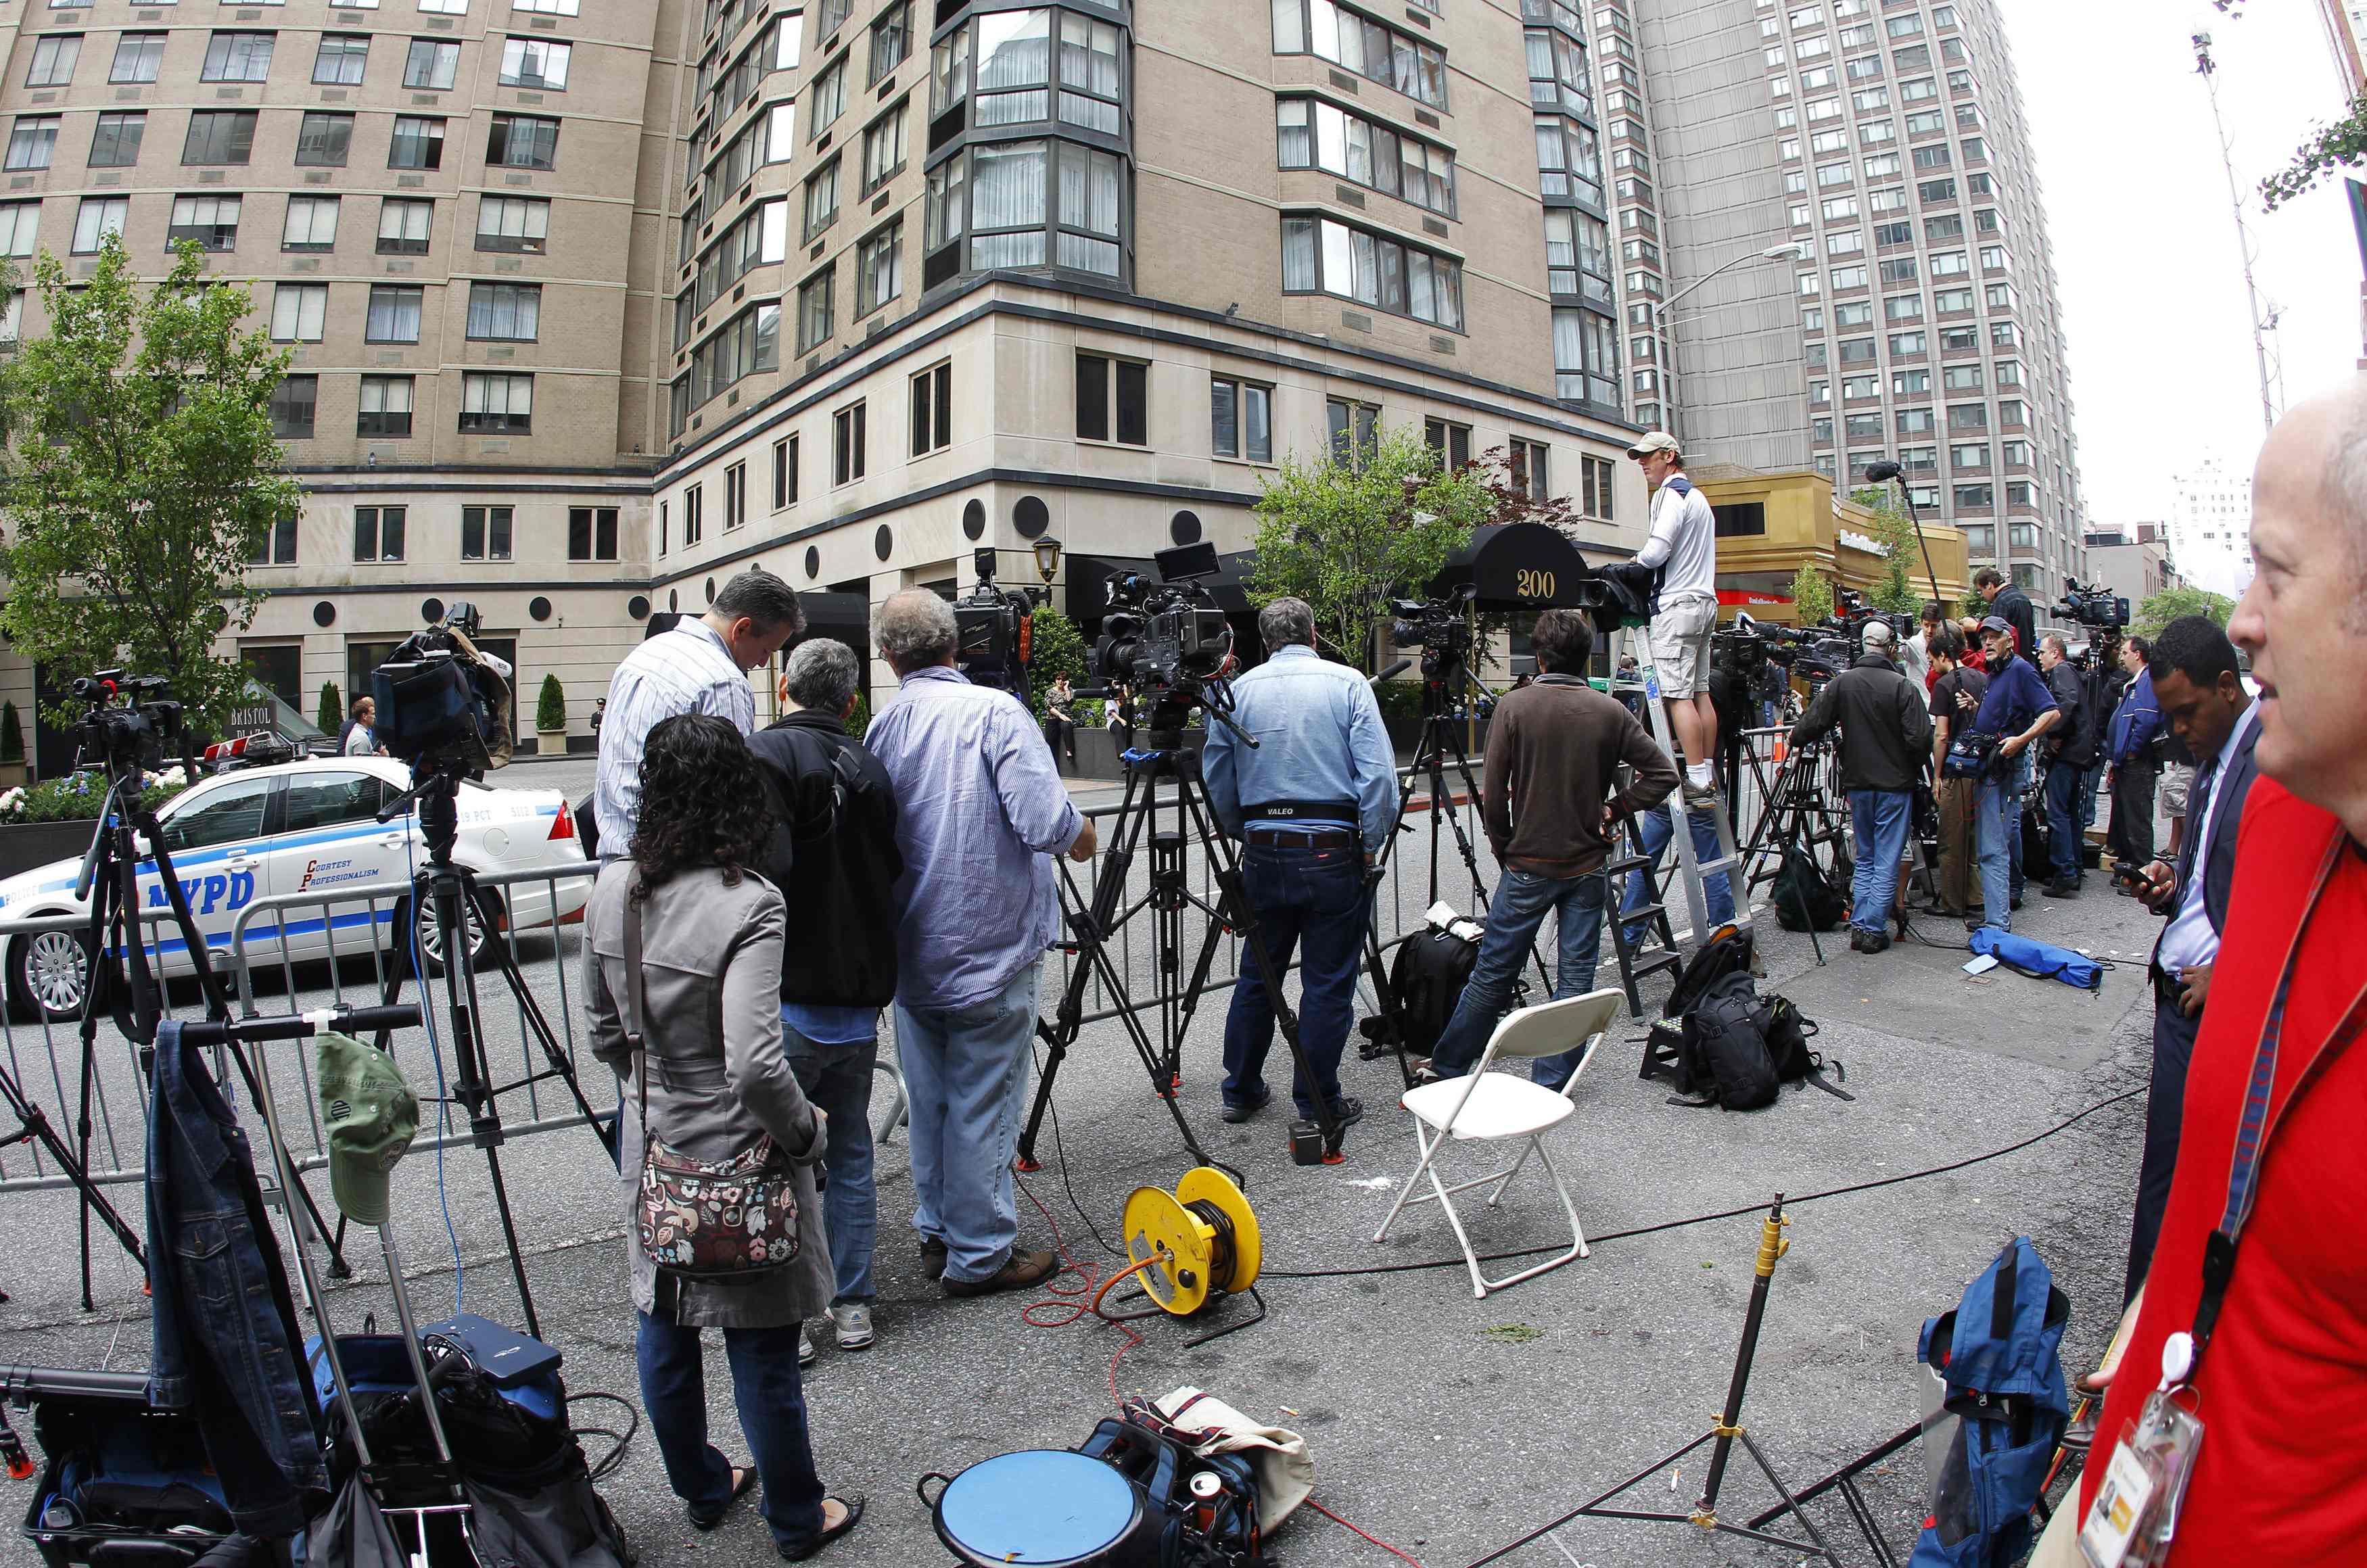 Αστυνομία και δημοσιογράφοι σε... σειρά - ΦΩΤΟ REUTERS